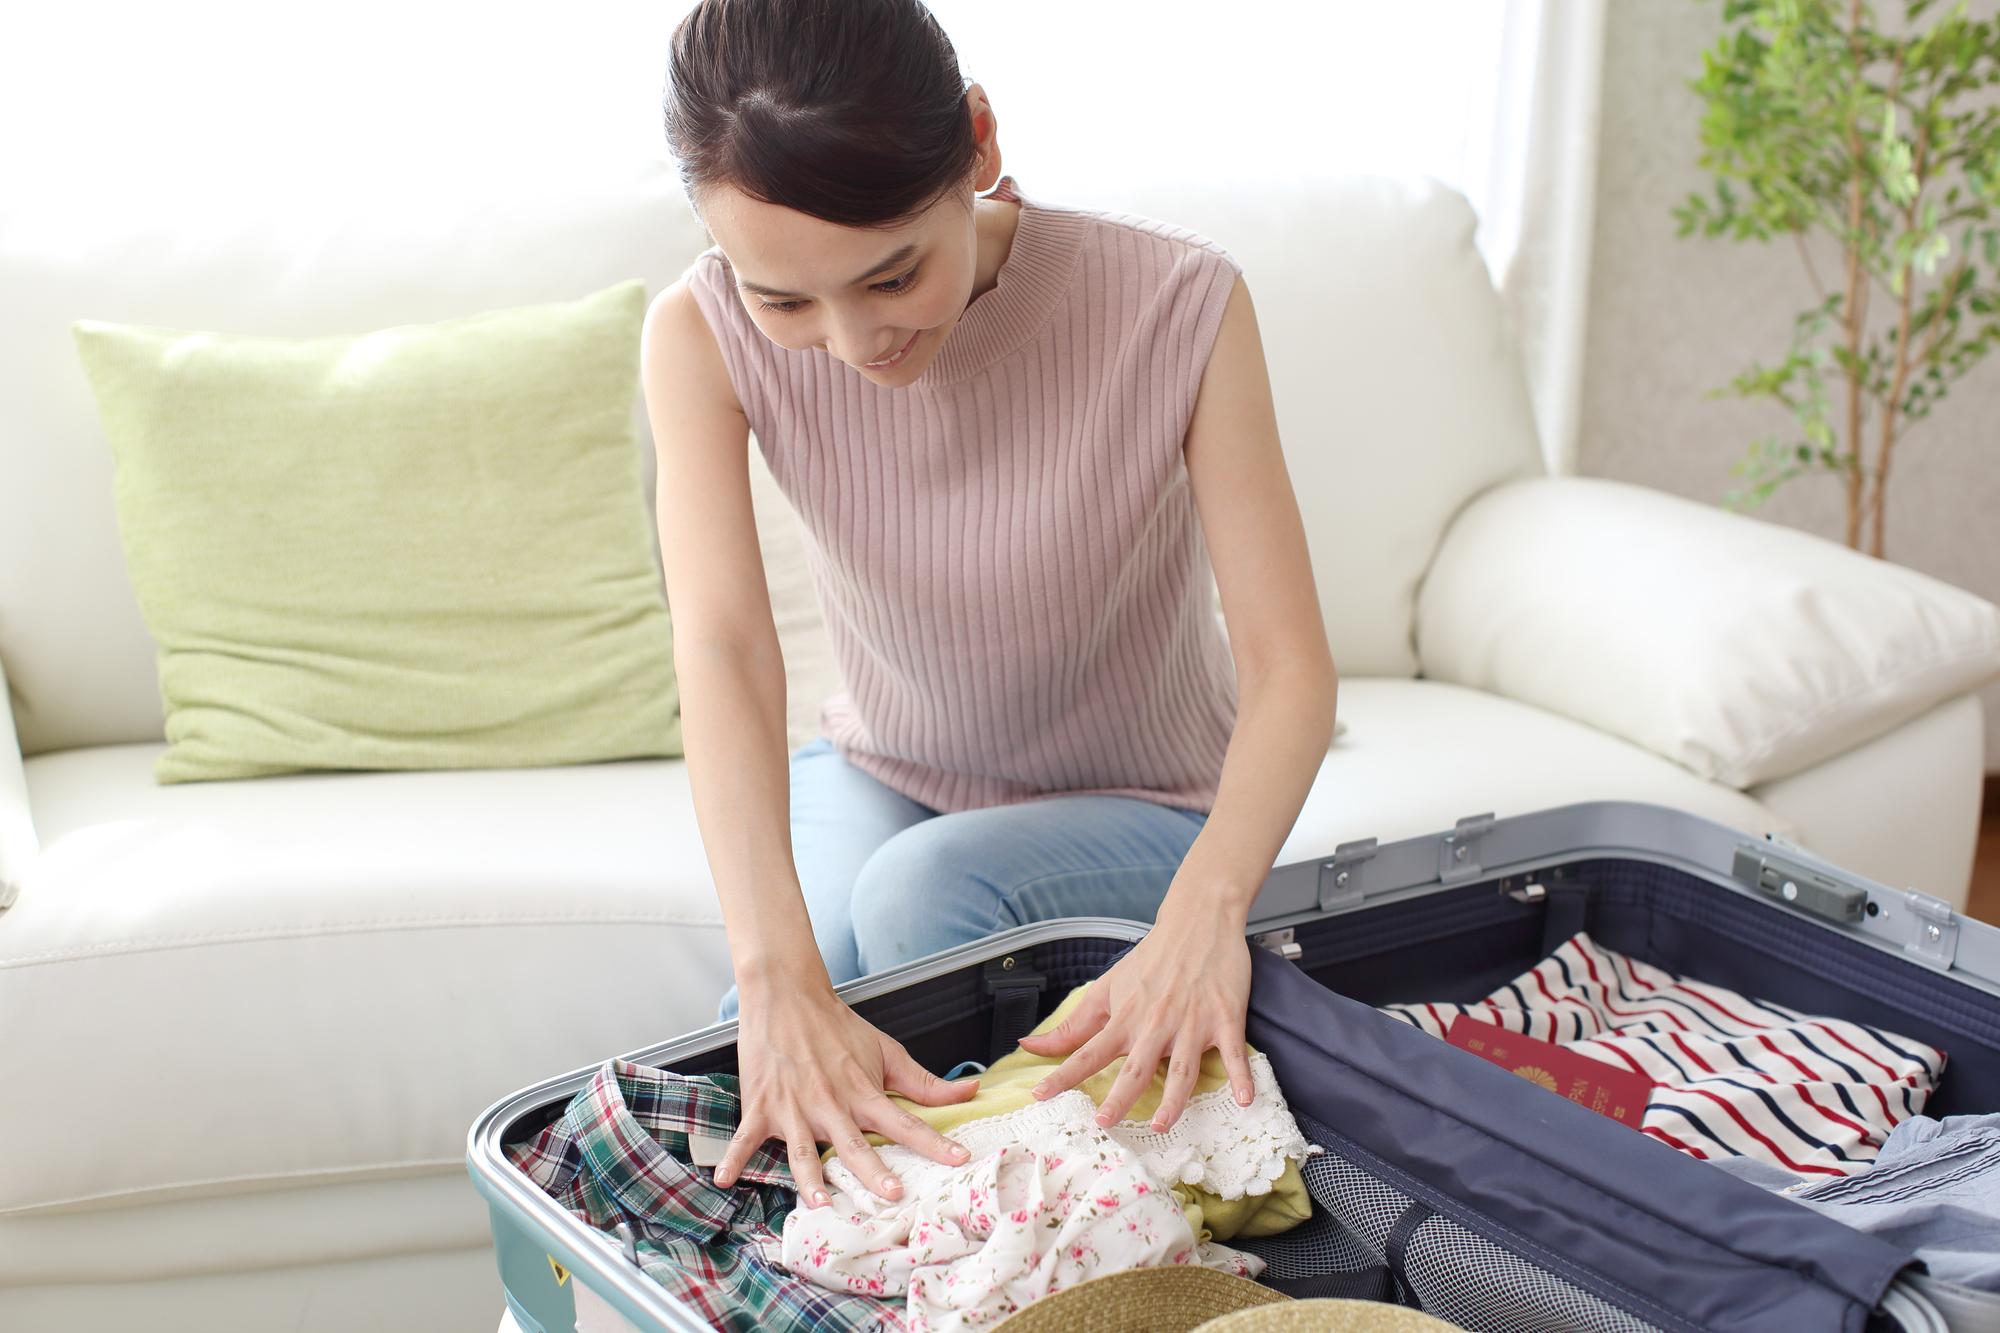 1泊旅行に持っていく物とは?旅行に必須な持ち物チェックリスト